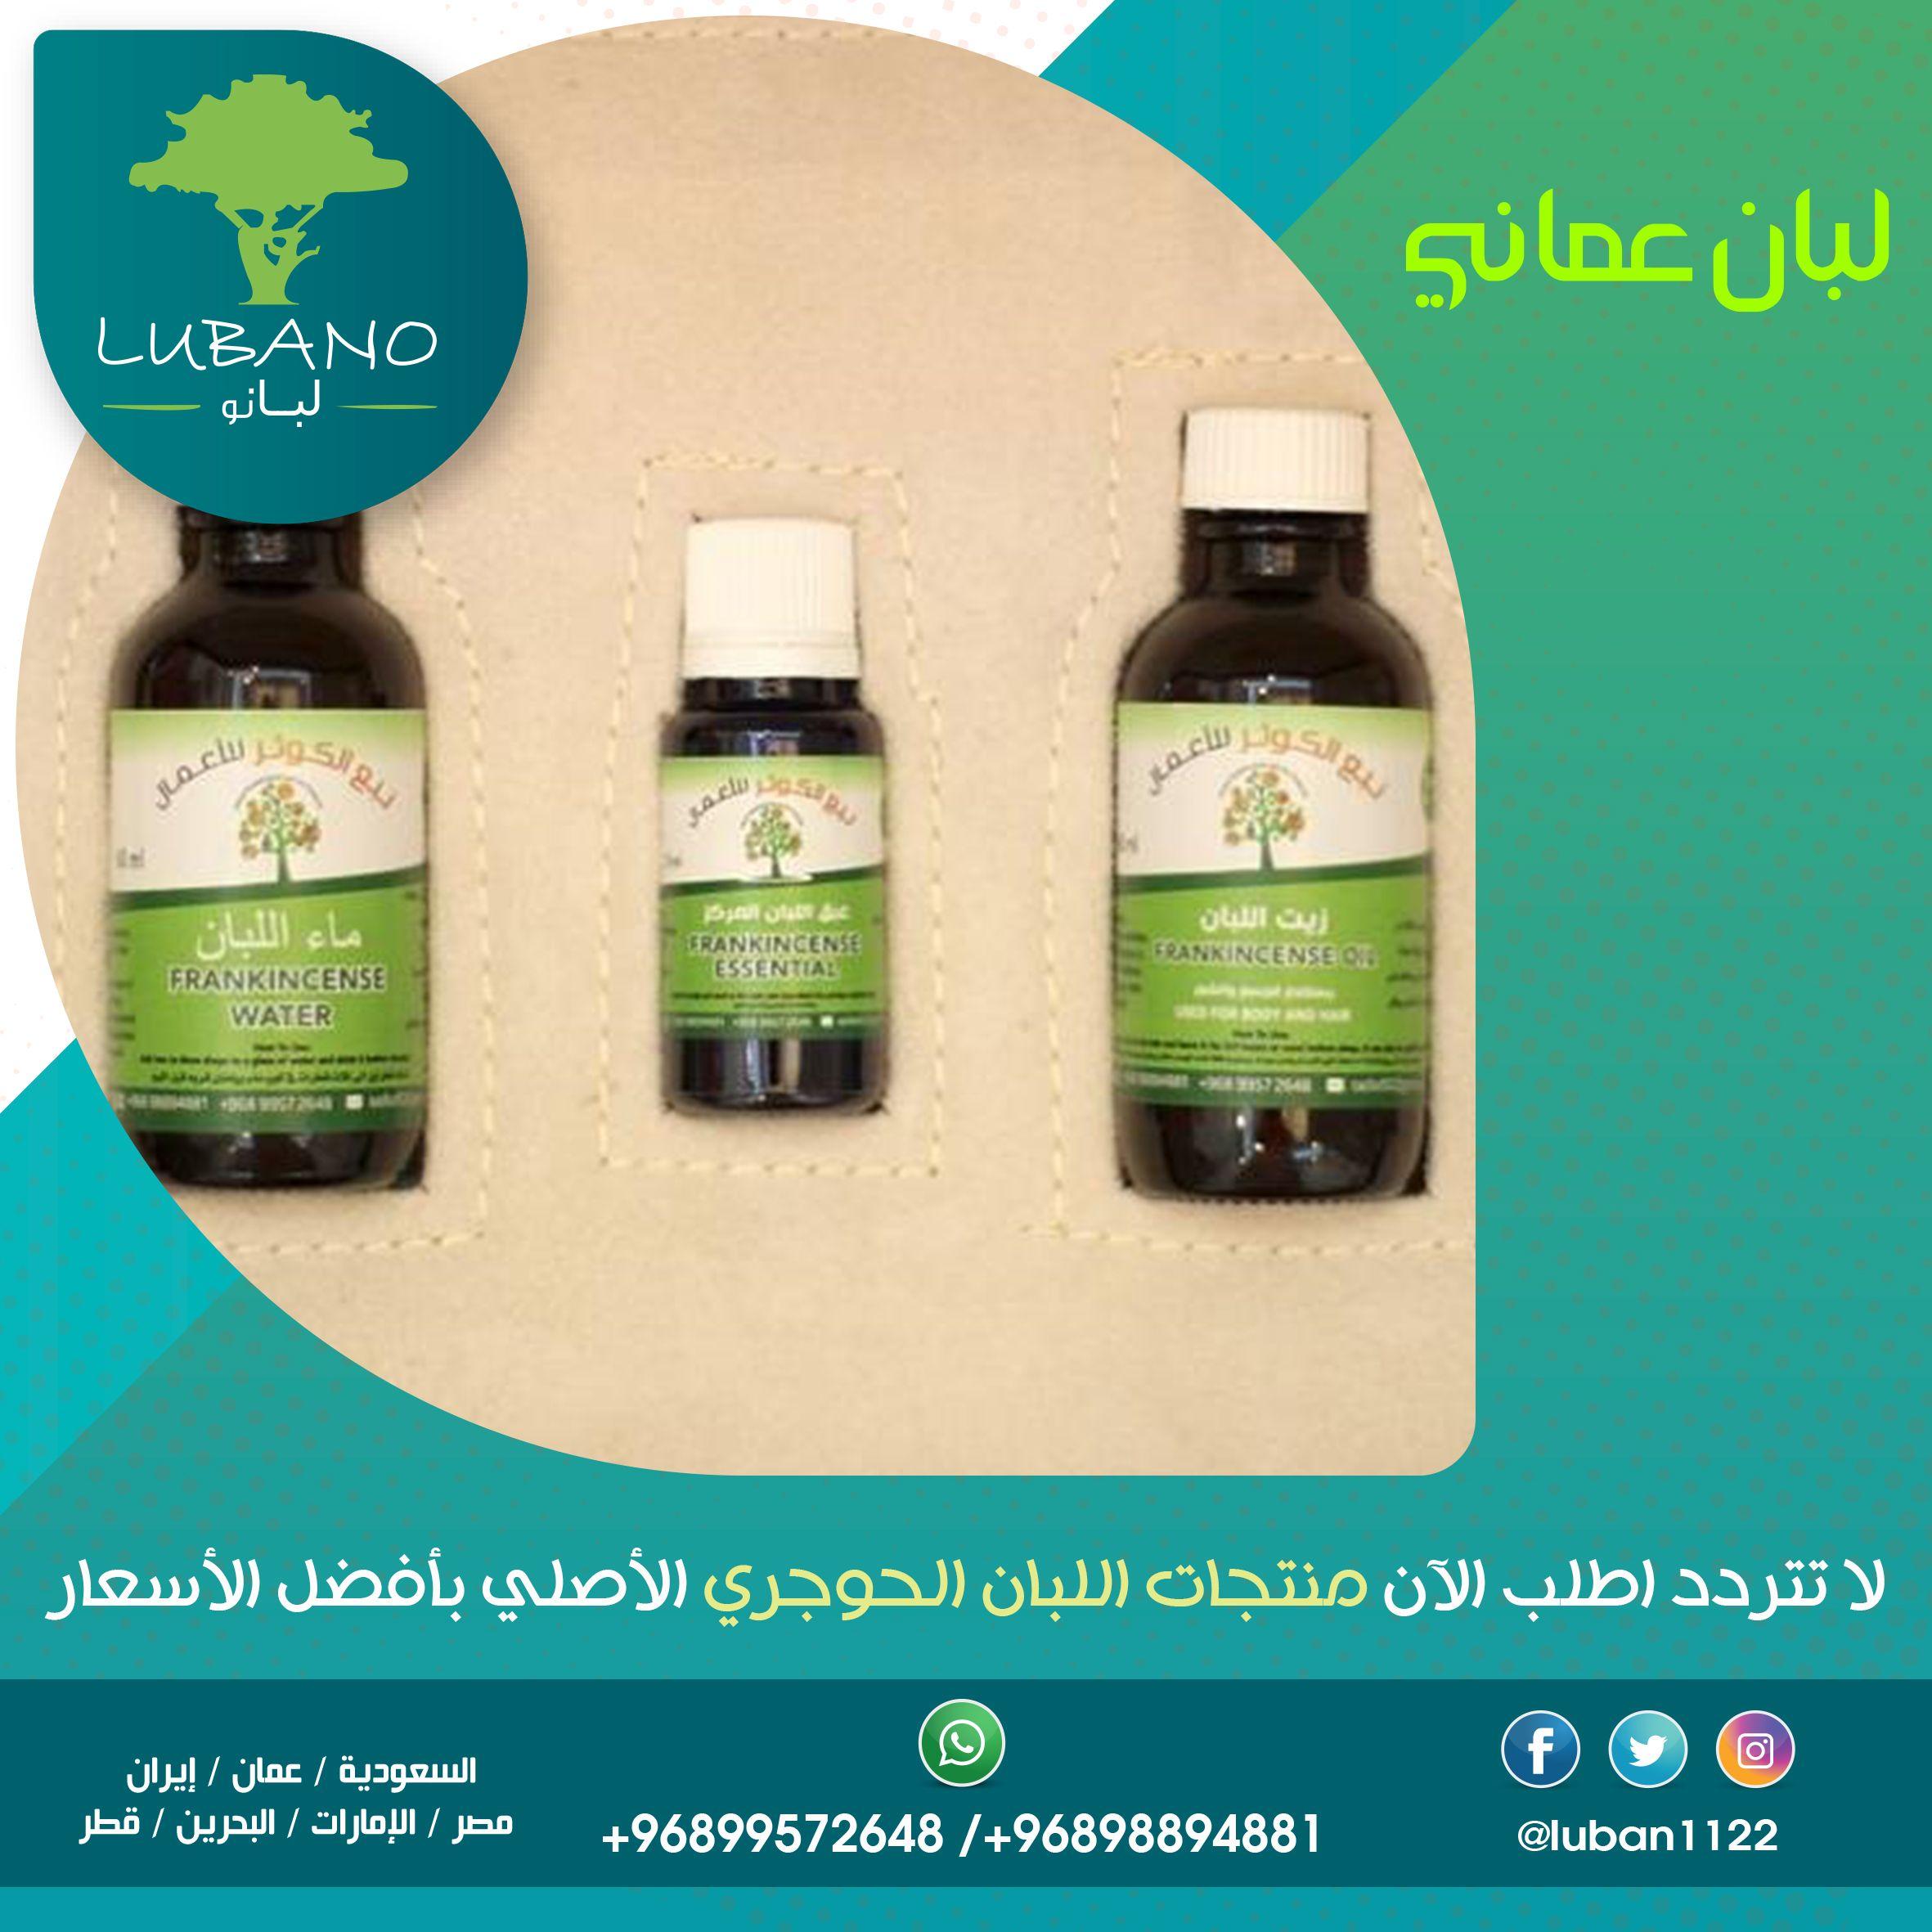 كيفية استخدام أعشاب الميرامية للدورة موسوعة Womens Health Health Herbs